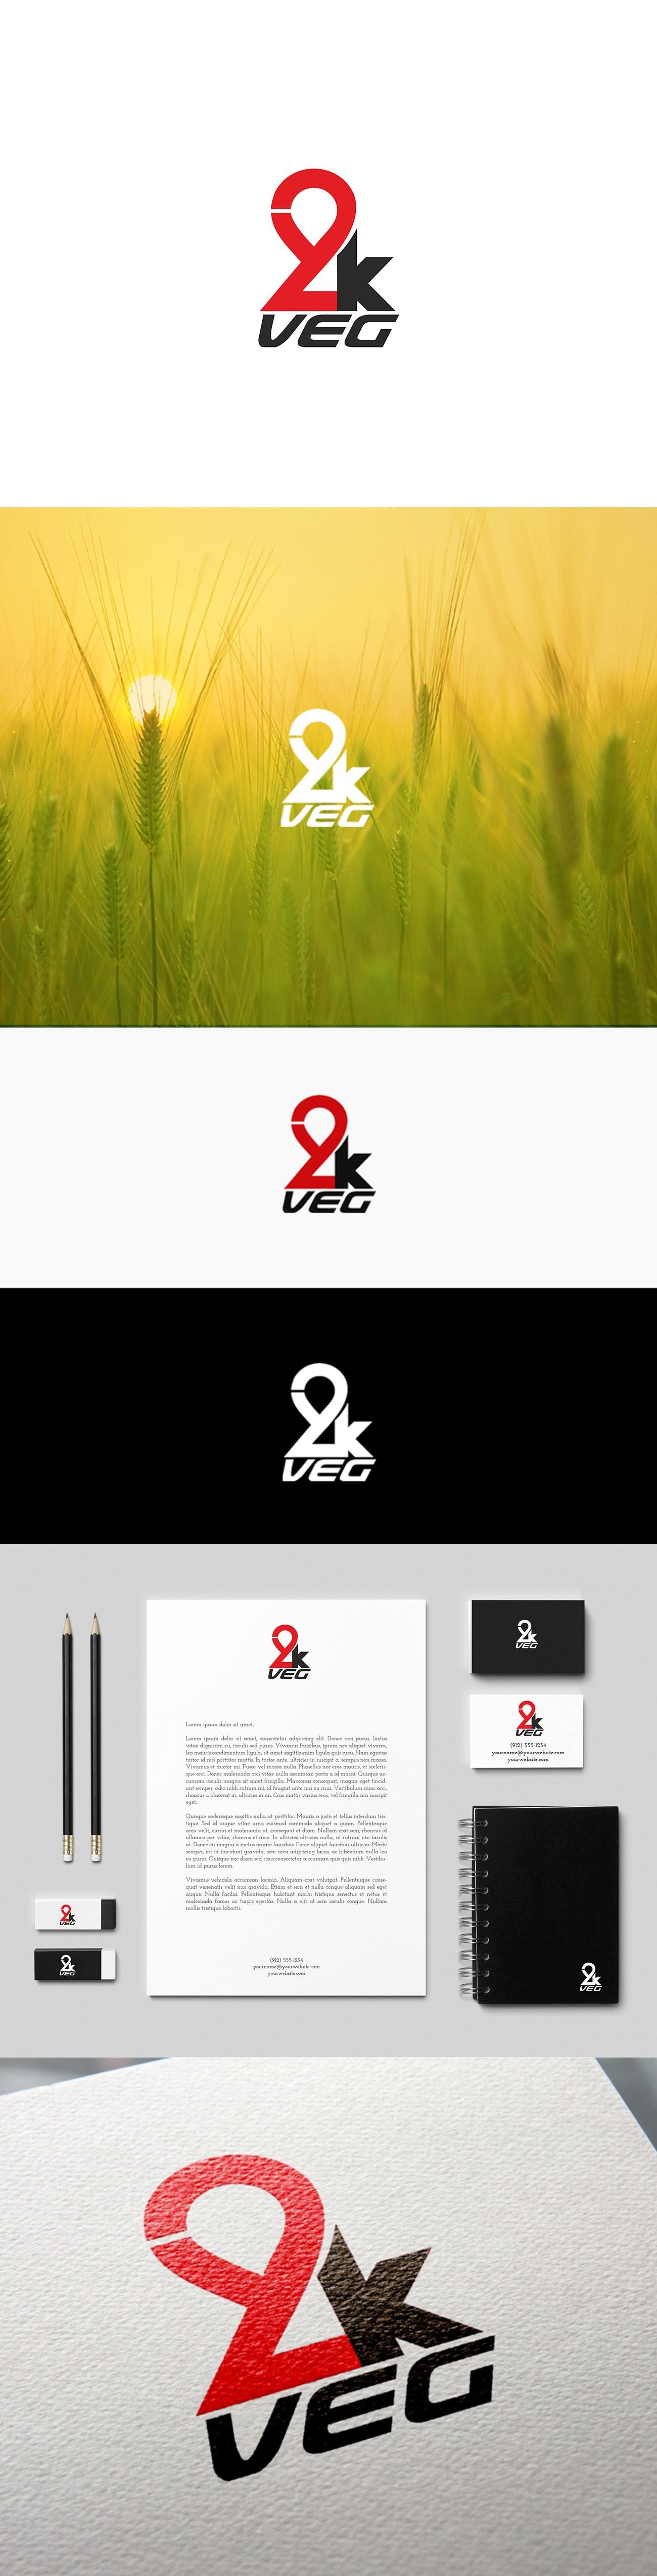 2kveg logo tasarım